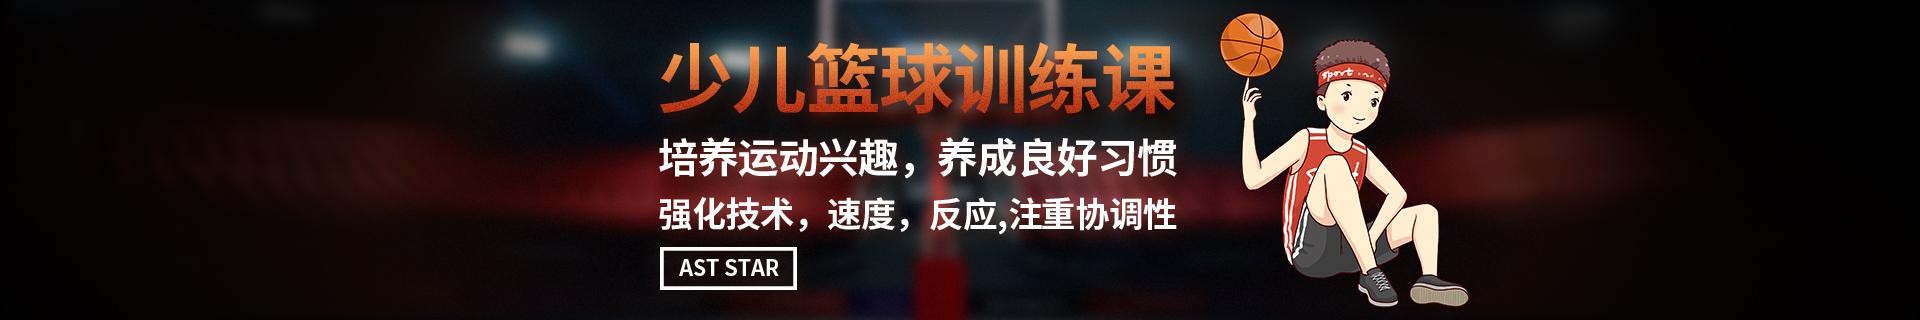 天津红桥区东方启明星红桥校区